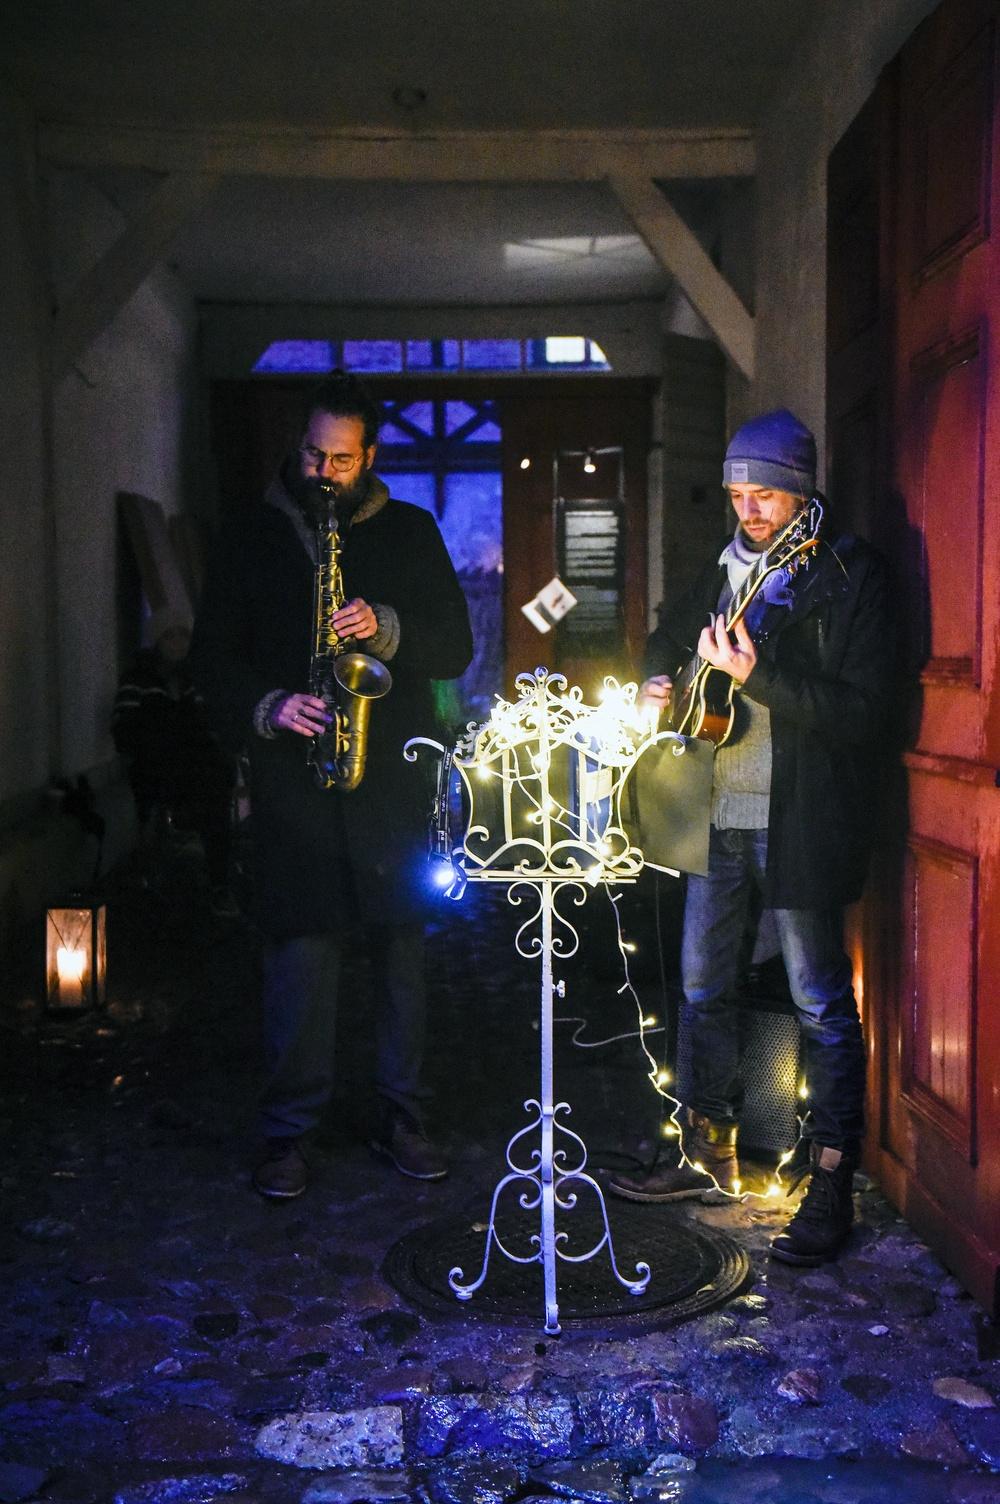 Det bjuds på musik av olika slag under julmarknaden. Foto: Viveca Ohlsson/Kulturen